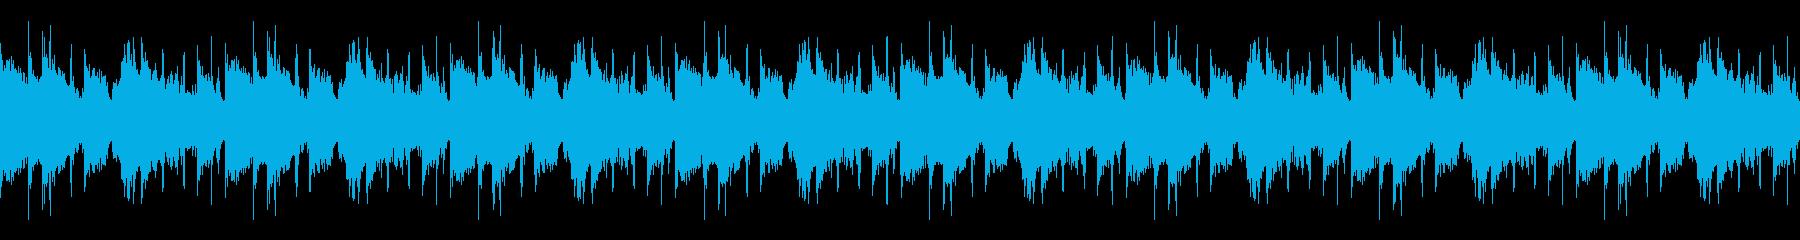 軌道ループ2の再生済みの波形